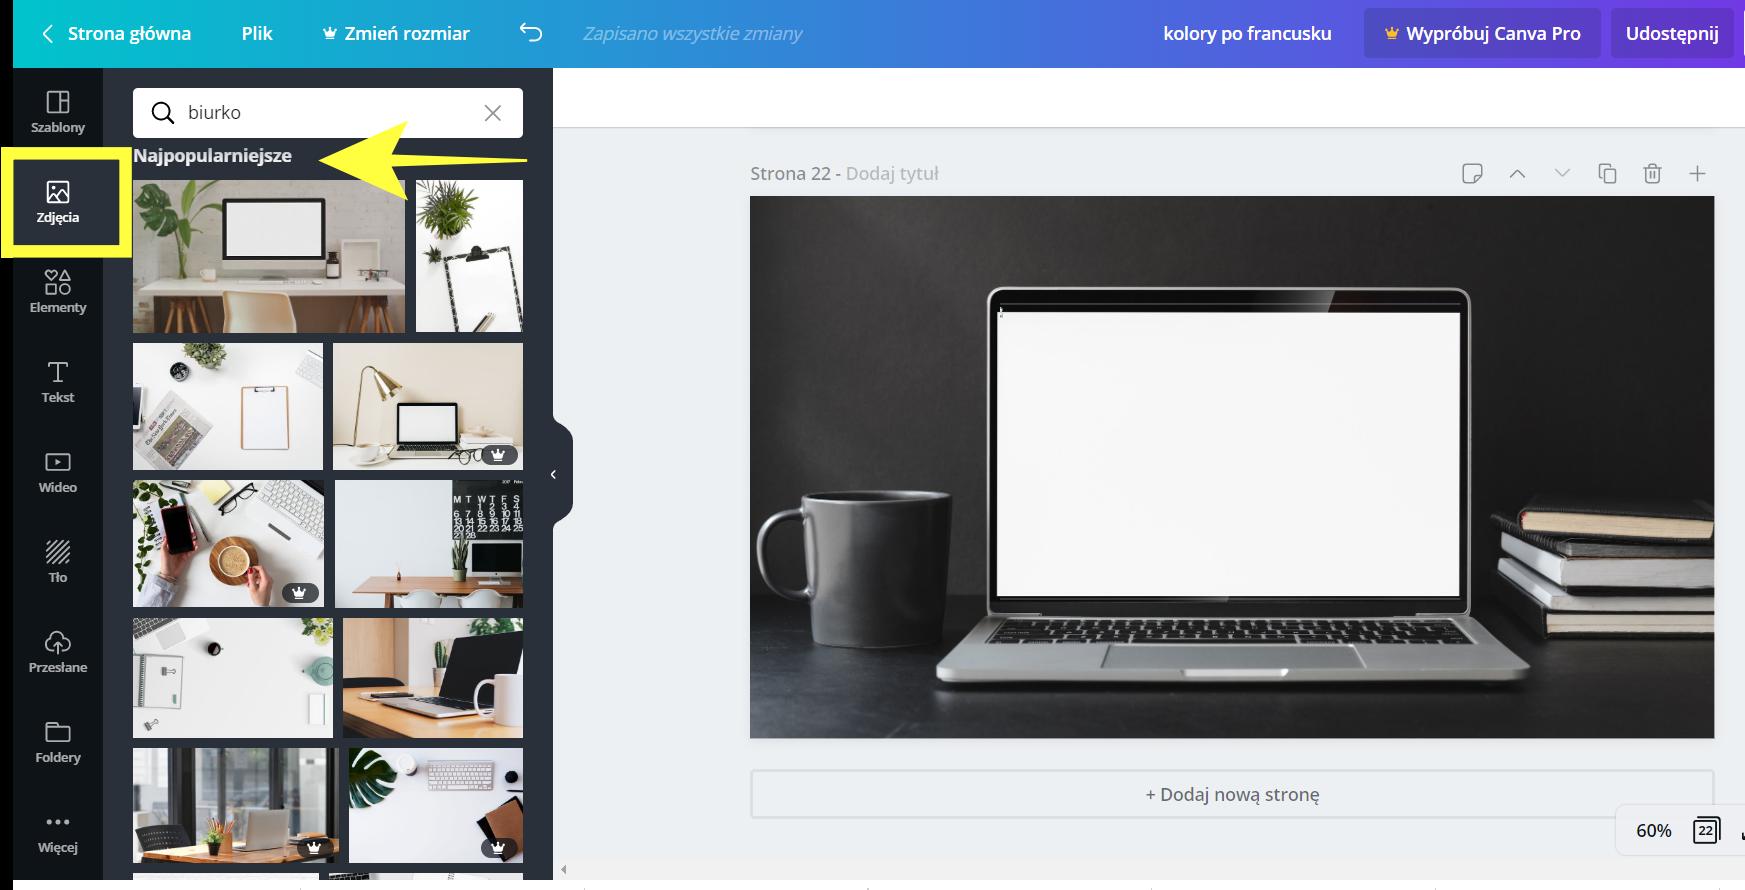 Jak zrobić mockup w Canvie? Jak jak ładnie zaprezentować grafikę sprzedażową swojego ebooka czy kursu?